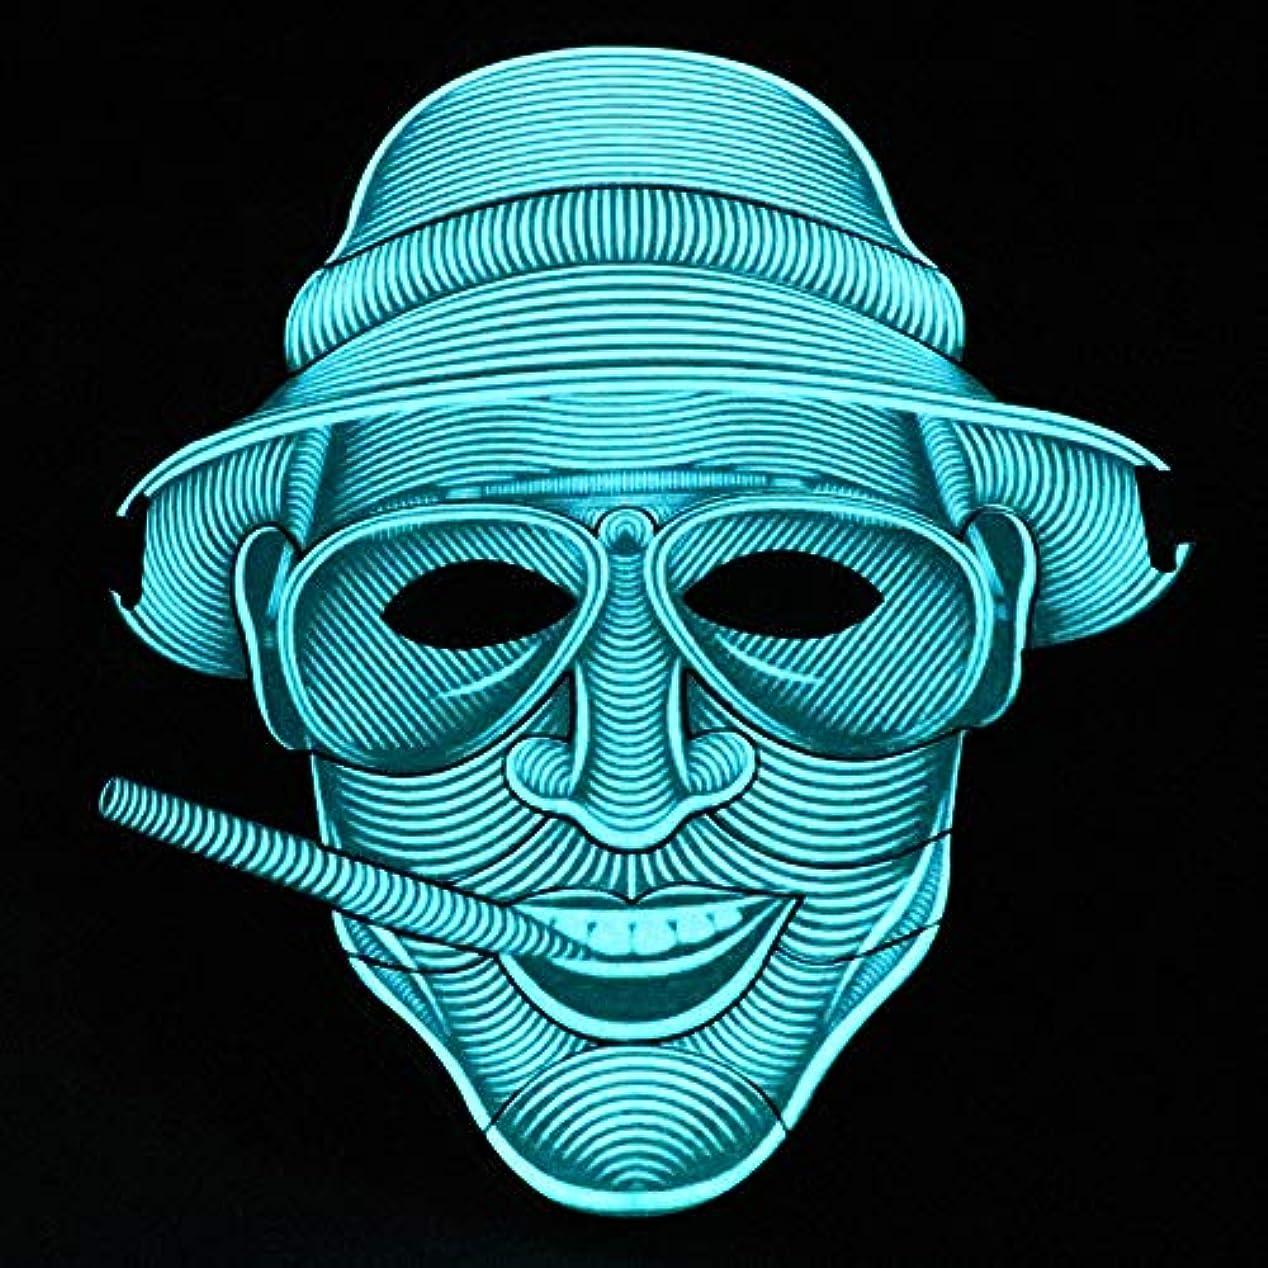 も従順拘束照らされたマスクLED創造的な冷光音響制御マスクハロウィンバーフェスティバルダンスマスク (Color : #14)